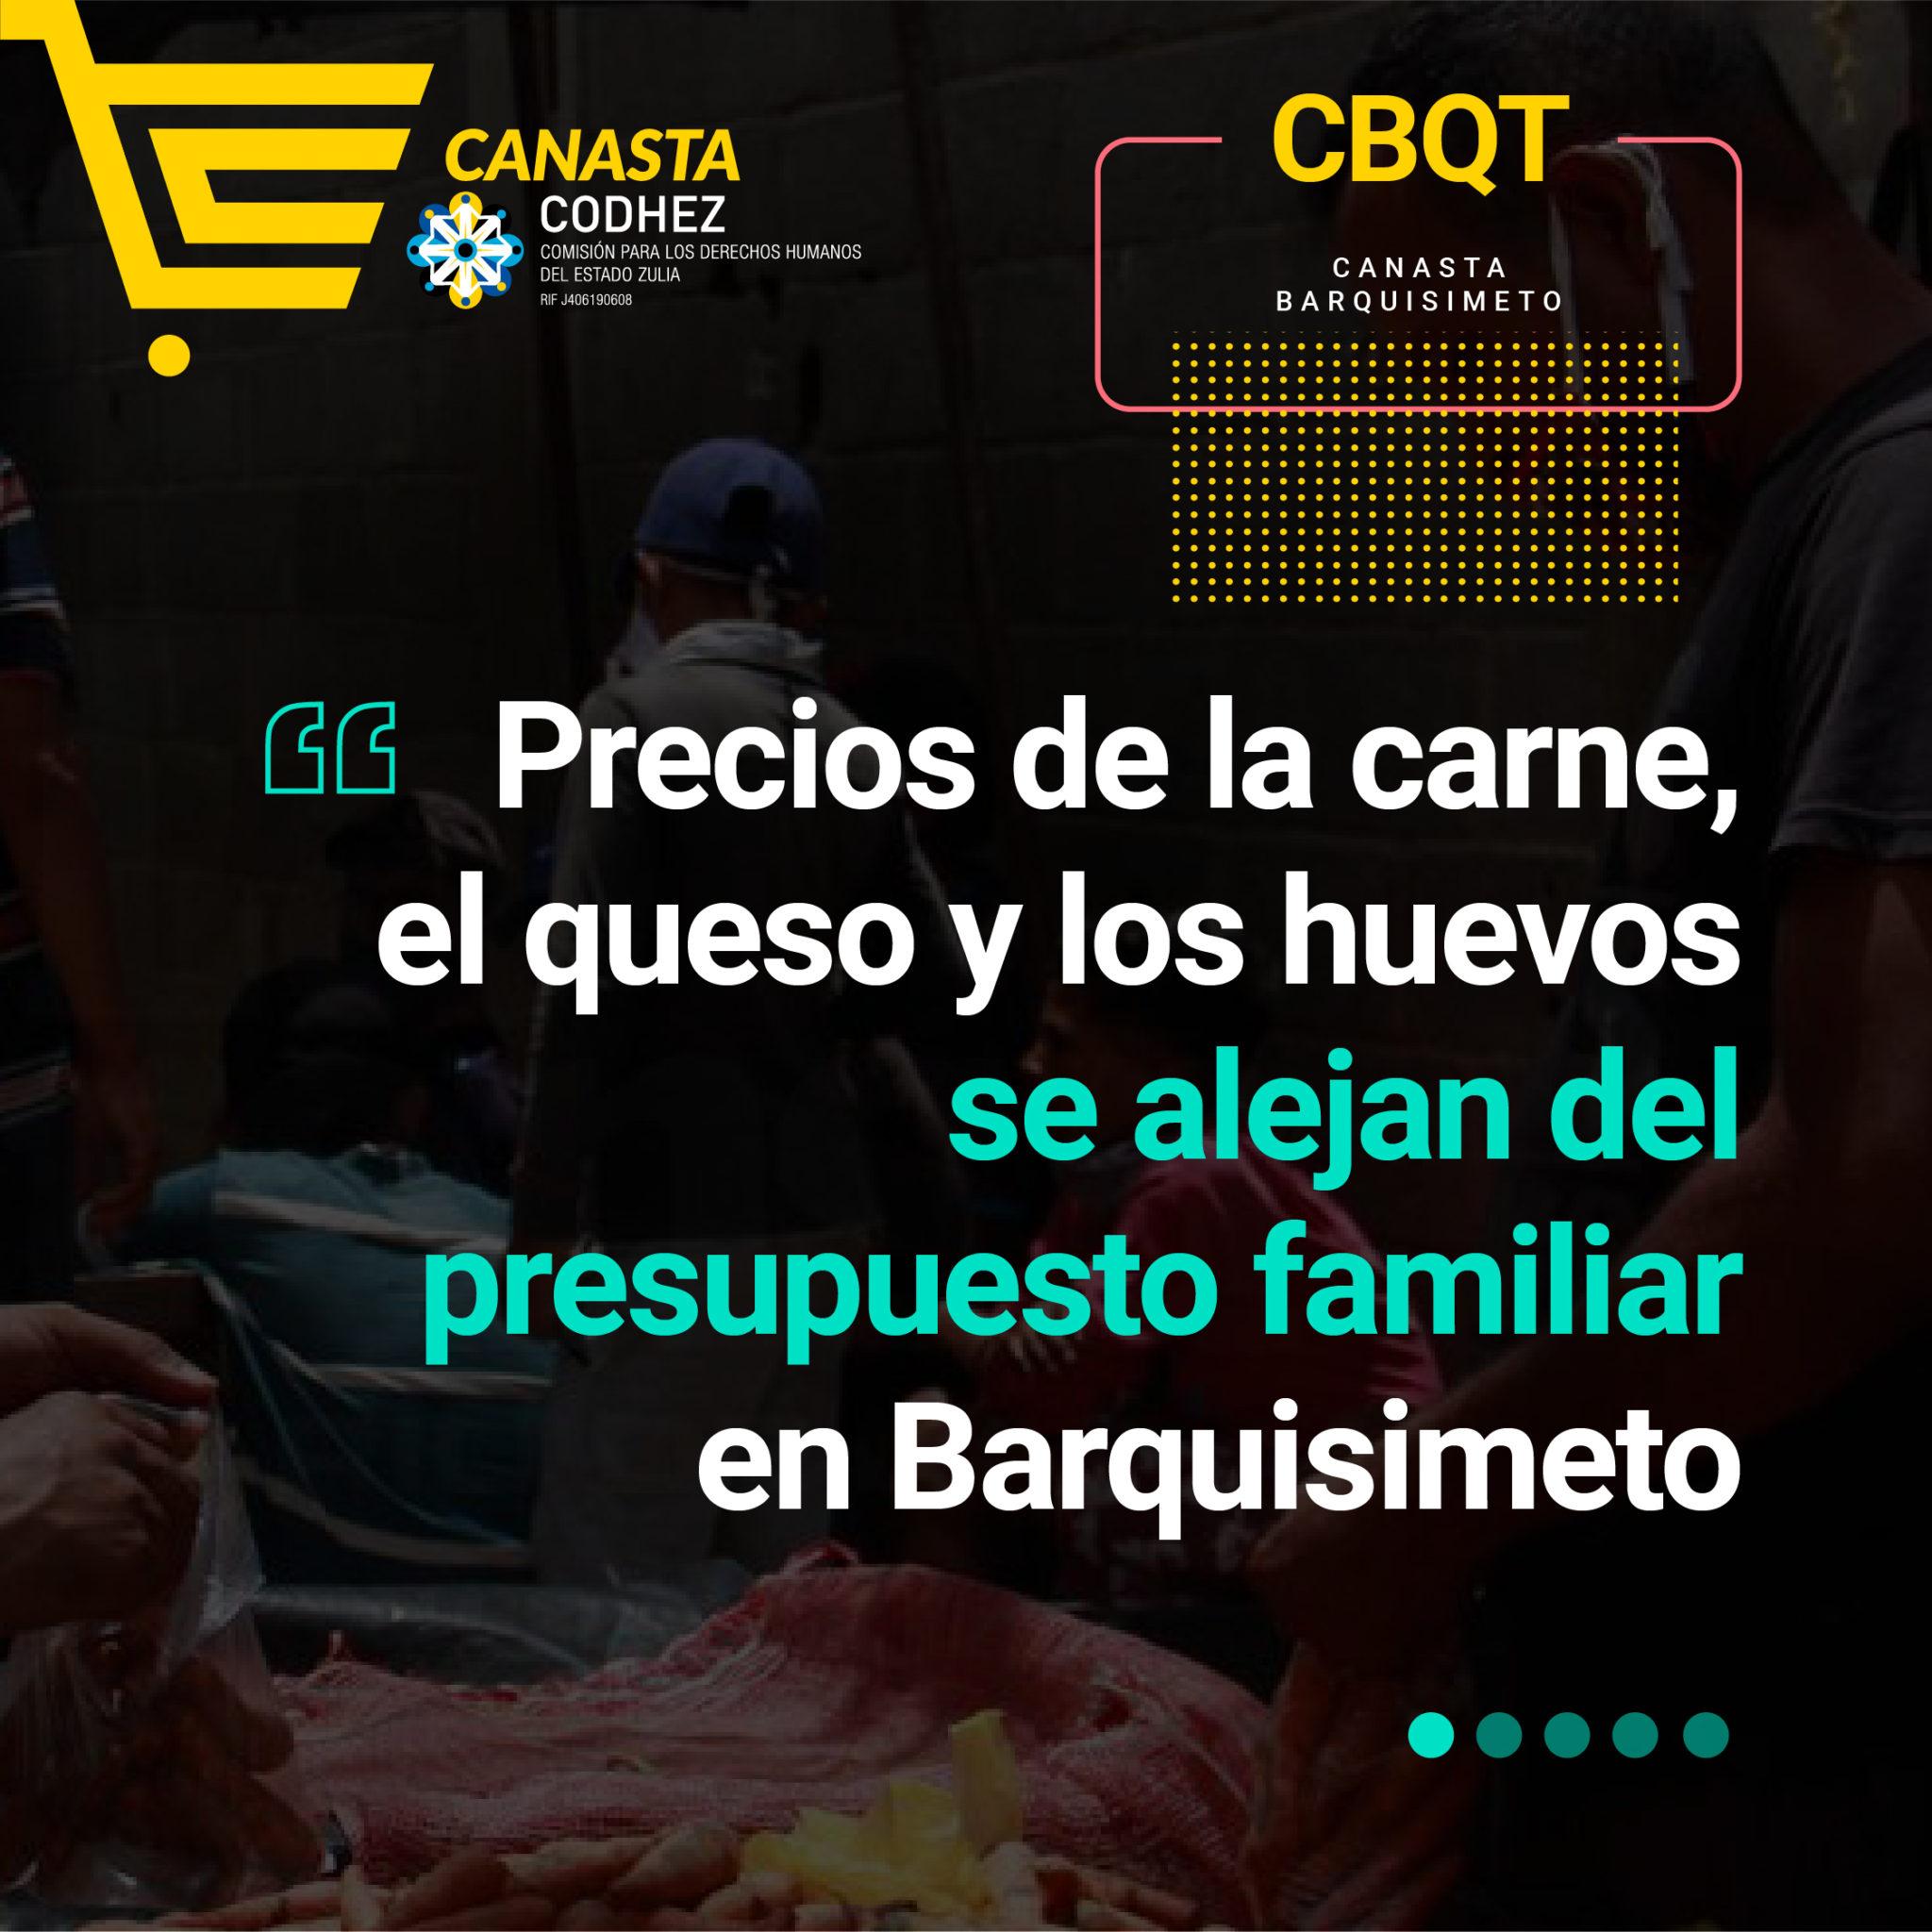 Presentaciones del cartón de huevos registran aumento por encima de +20% en Barquisimeto